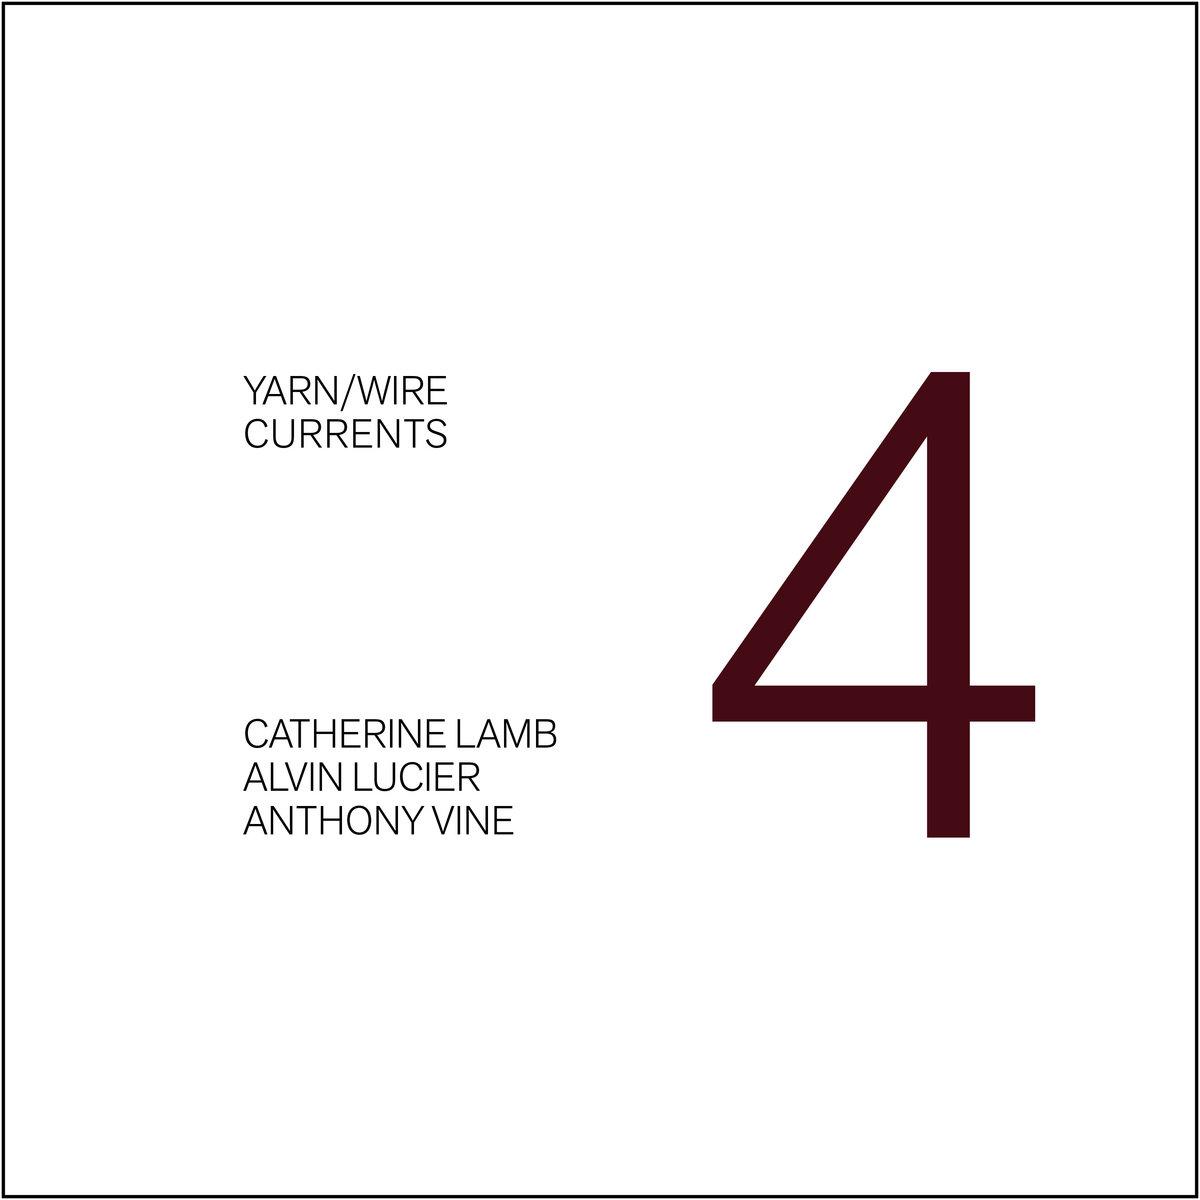 Catherine Lamb - curvo totalitas (2016)   Yarn/Wire